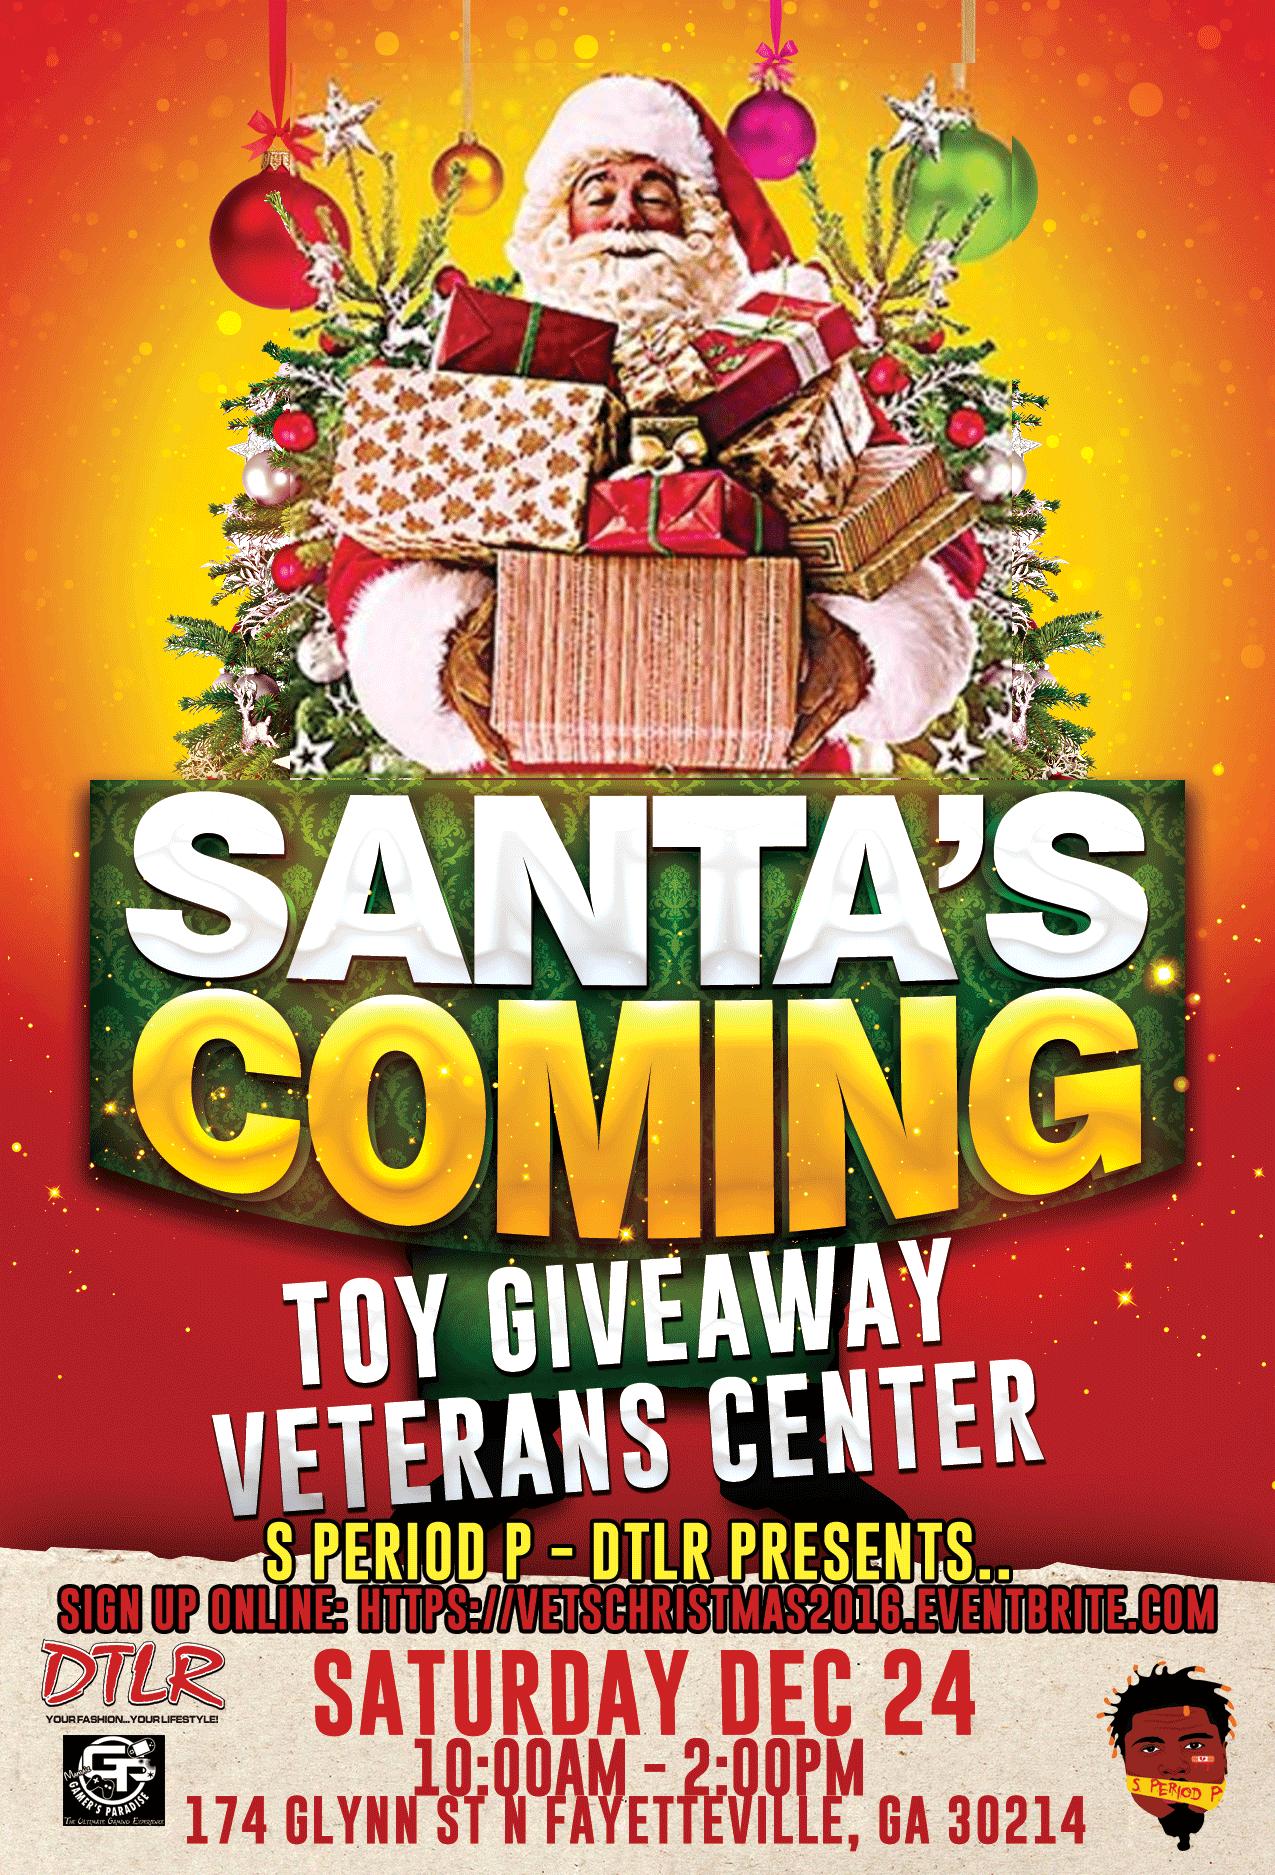 2016 Veterans Center Christmas